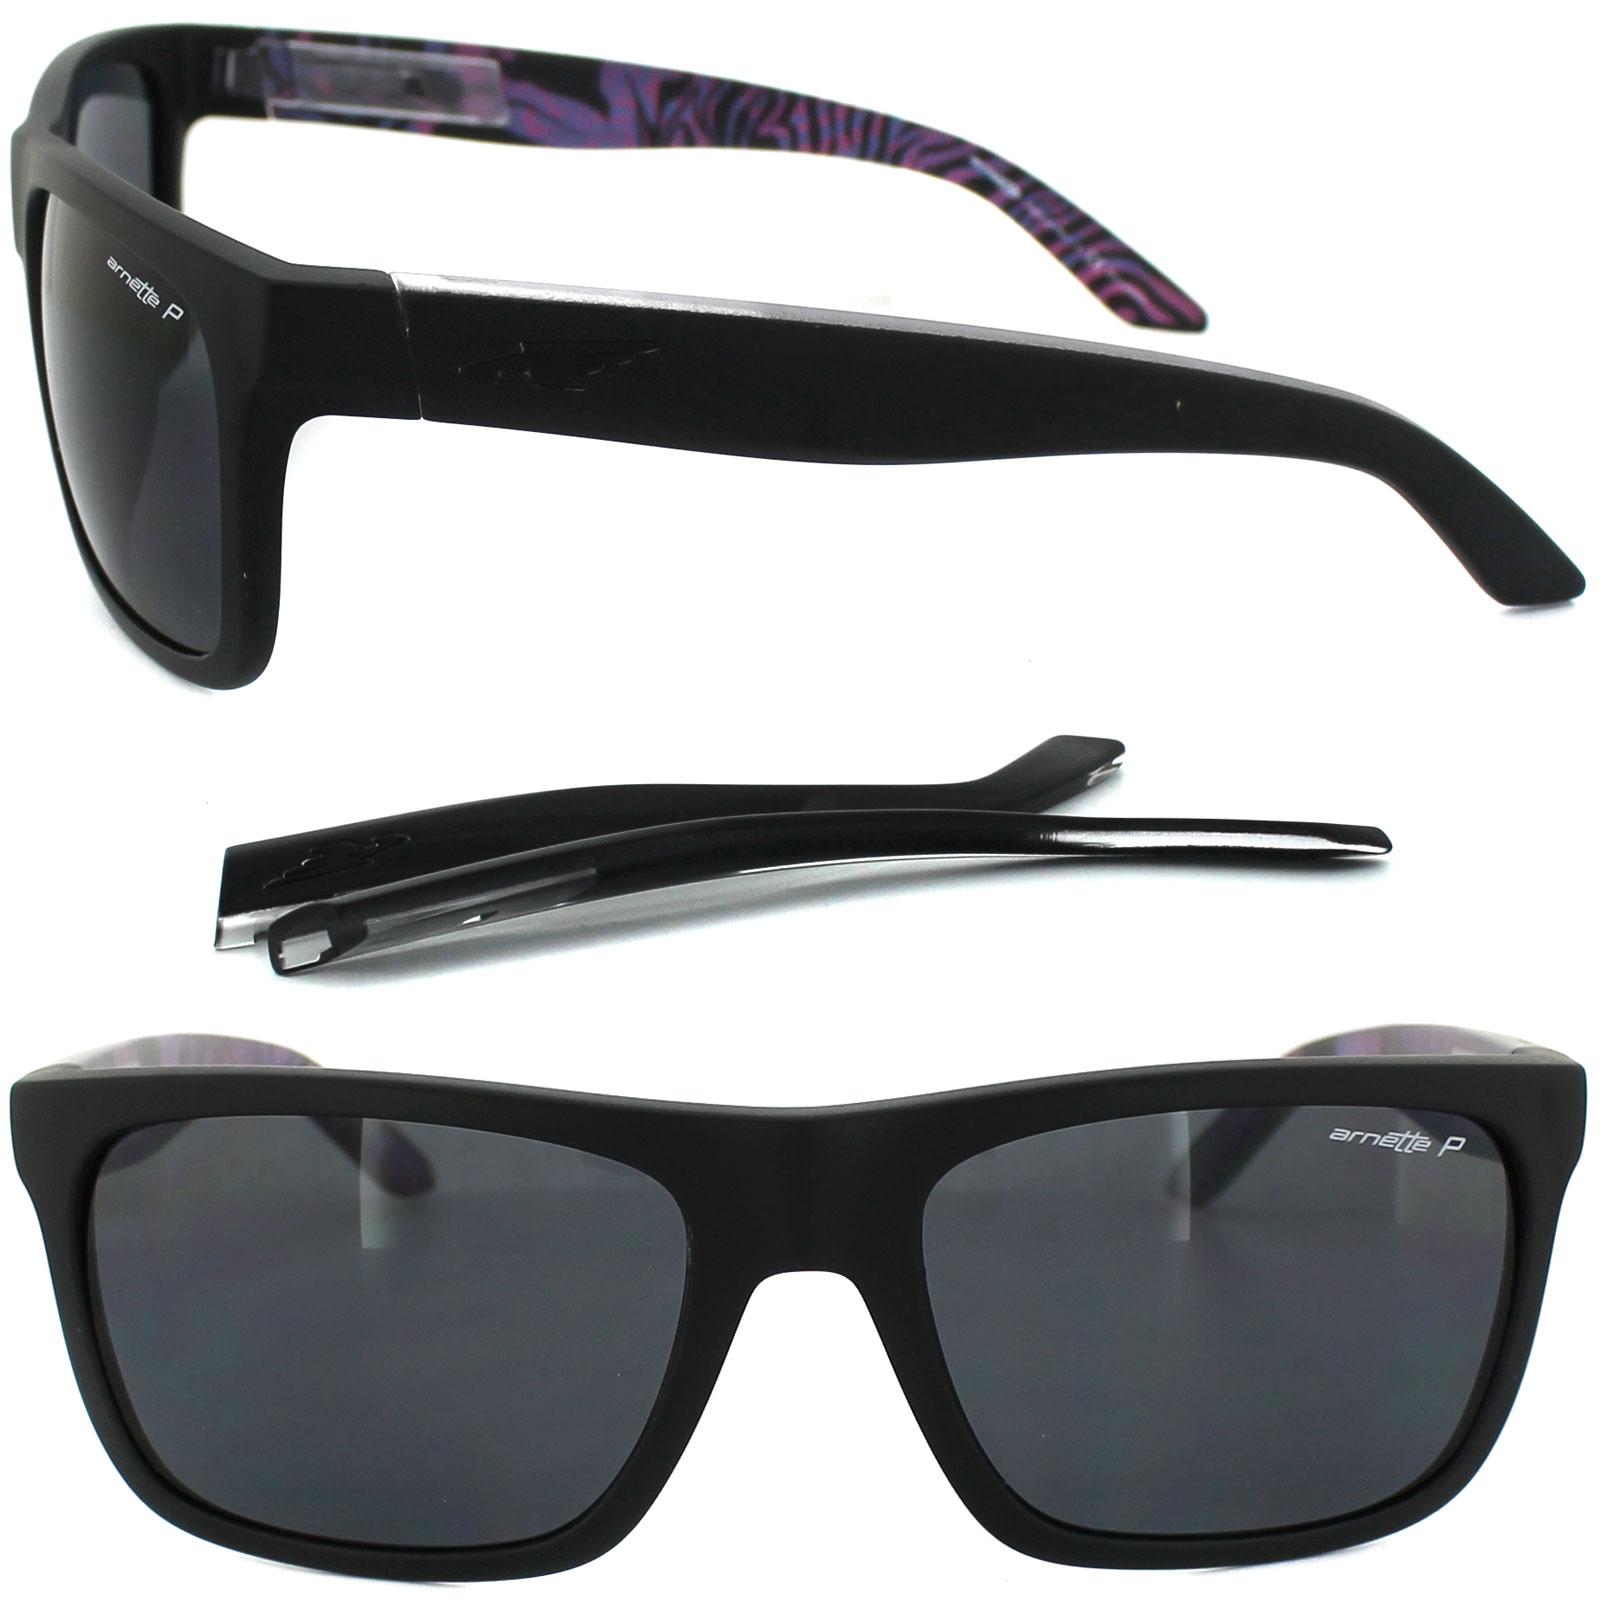 e4ccfaa437 Sentinel Arnette Sunglasses 4176 Dropout 222881 Matt Black Grey Polarized